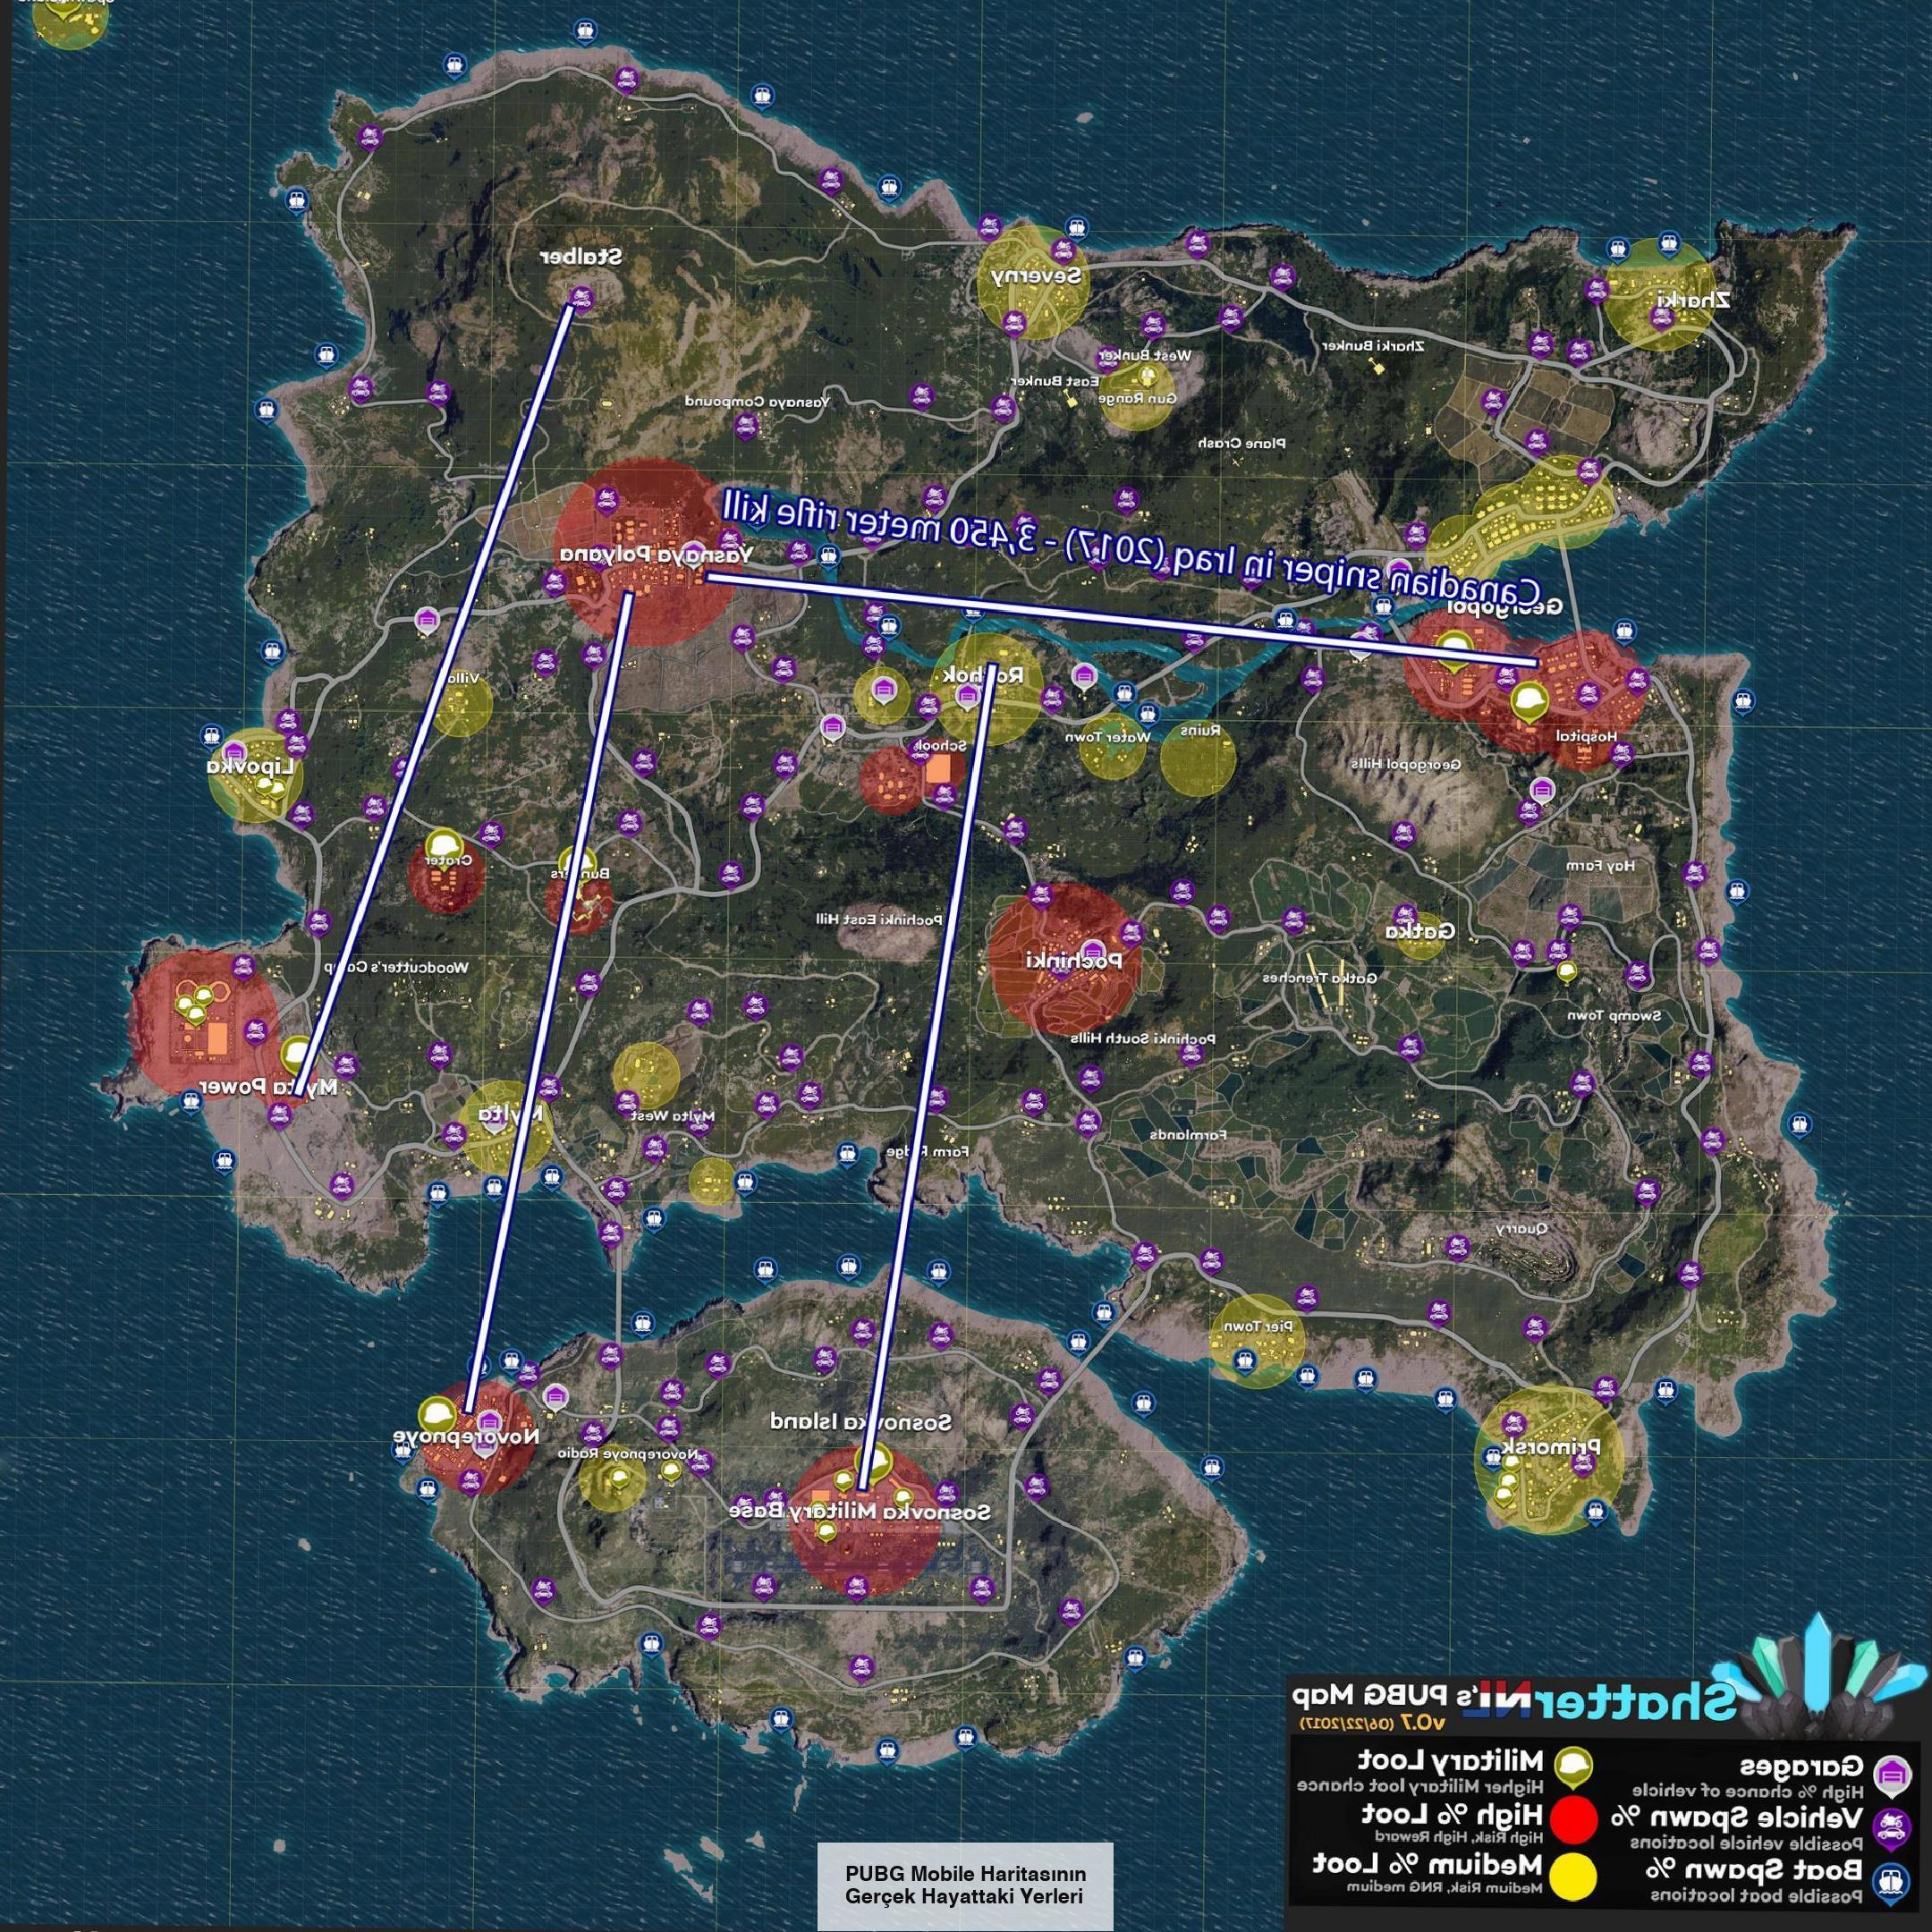 PUBG Mobile Haritasının Gerçek Hayattaki Yerleri